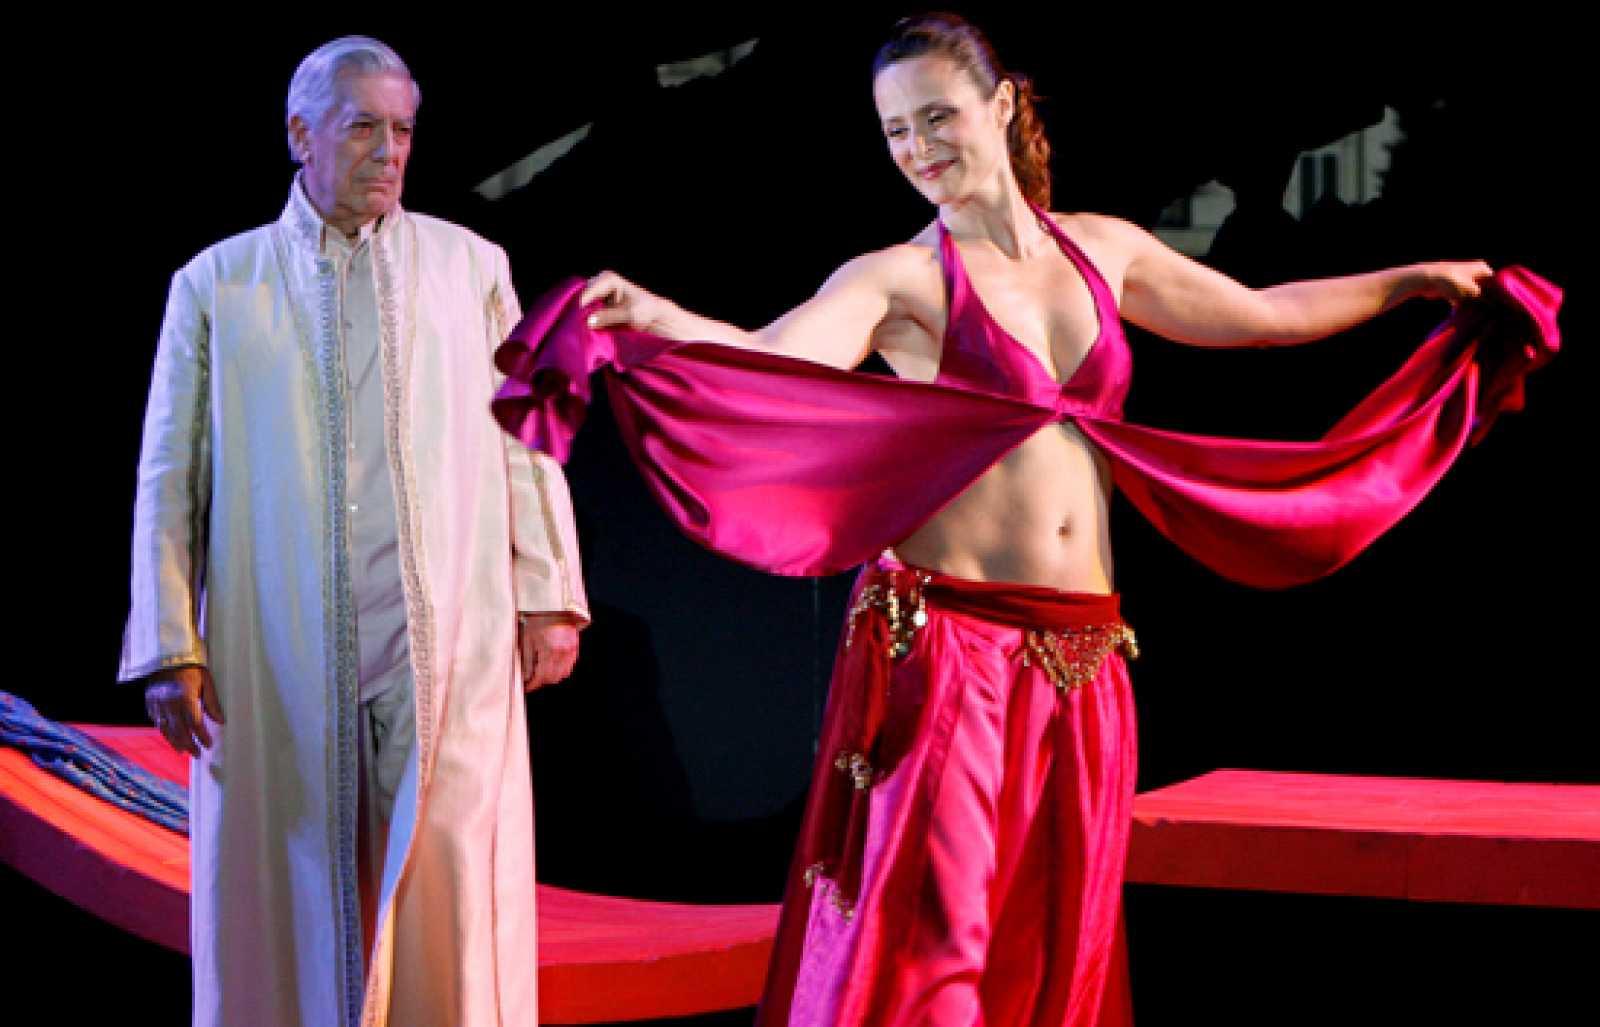 Vargas Llosa y Aitana Sánchez Gijón se dan la réplica en el escenario